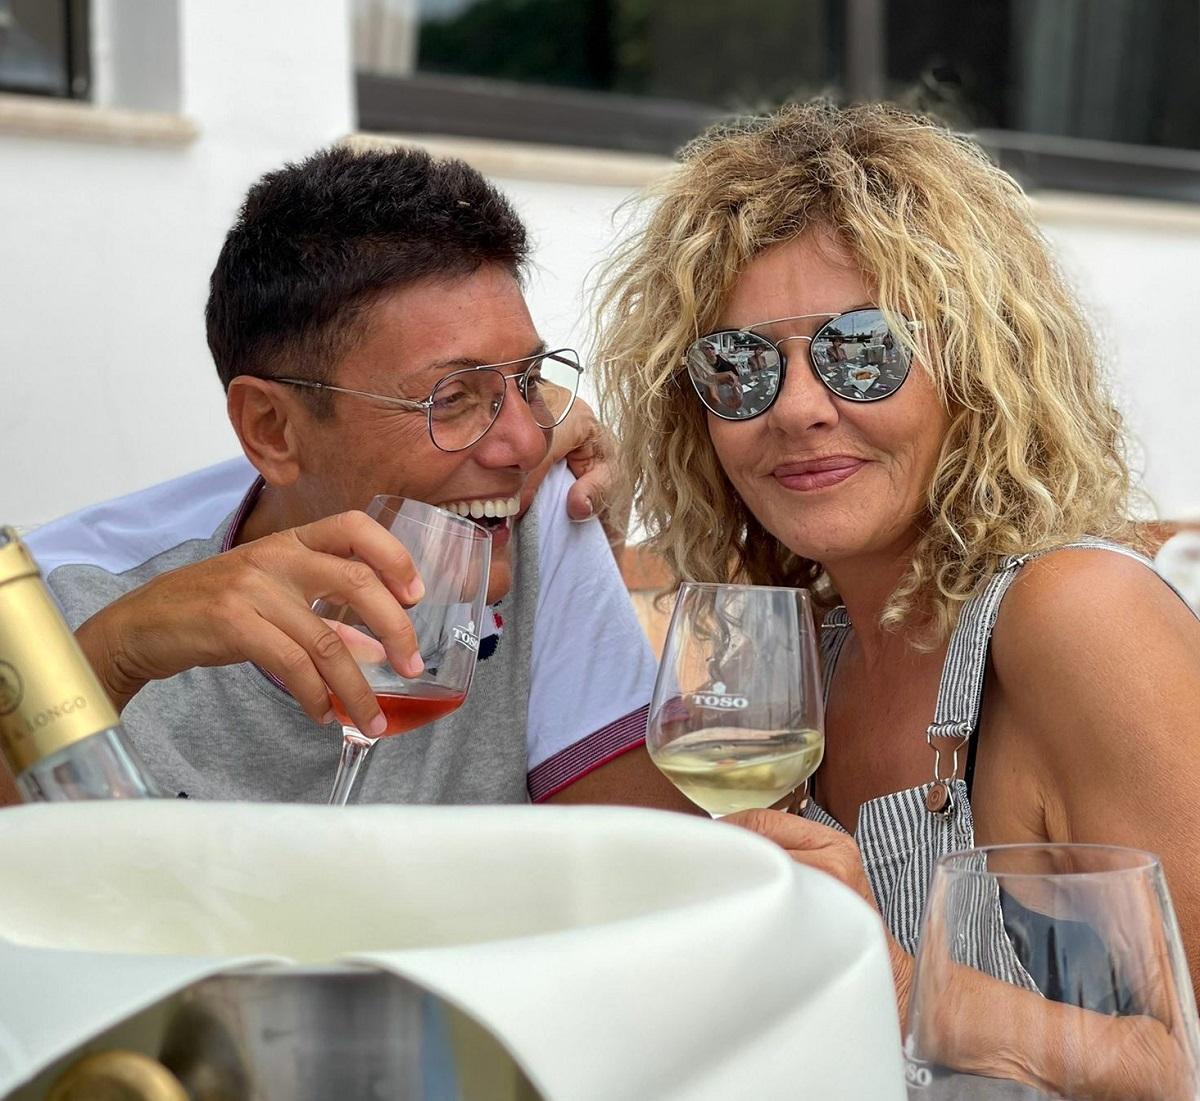 Eva Grimaldi Imma Battaglia sorpresa compleanno 60 anni